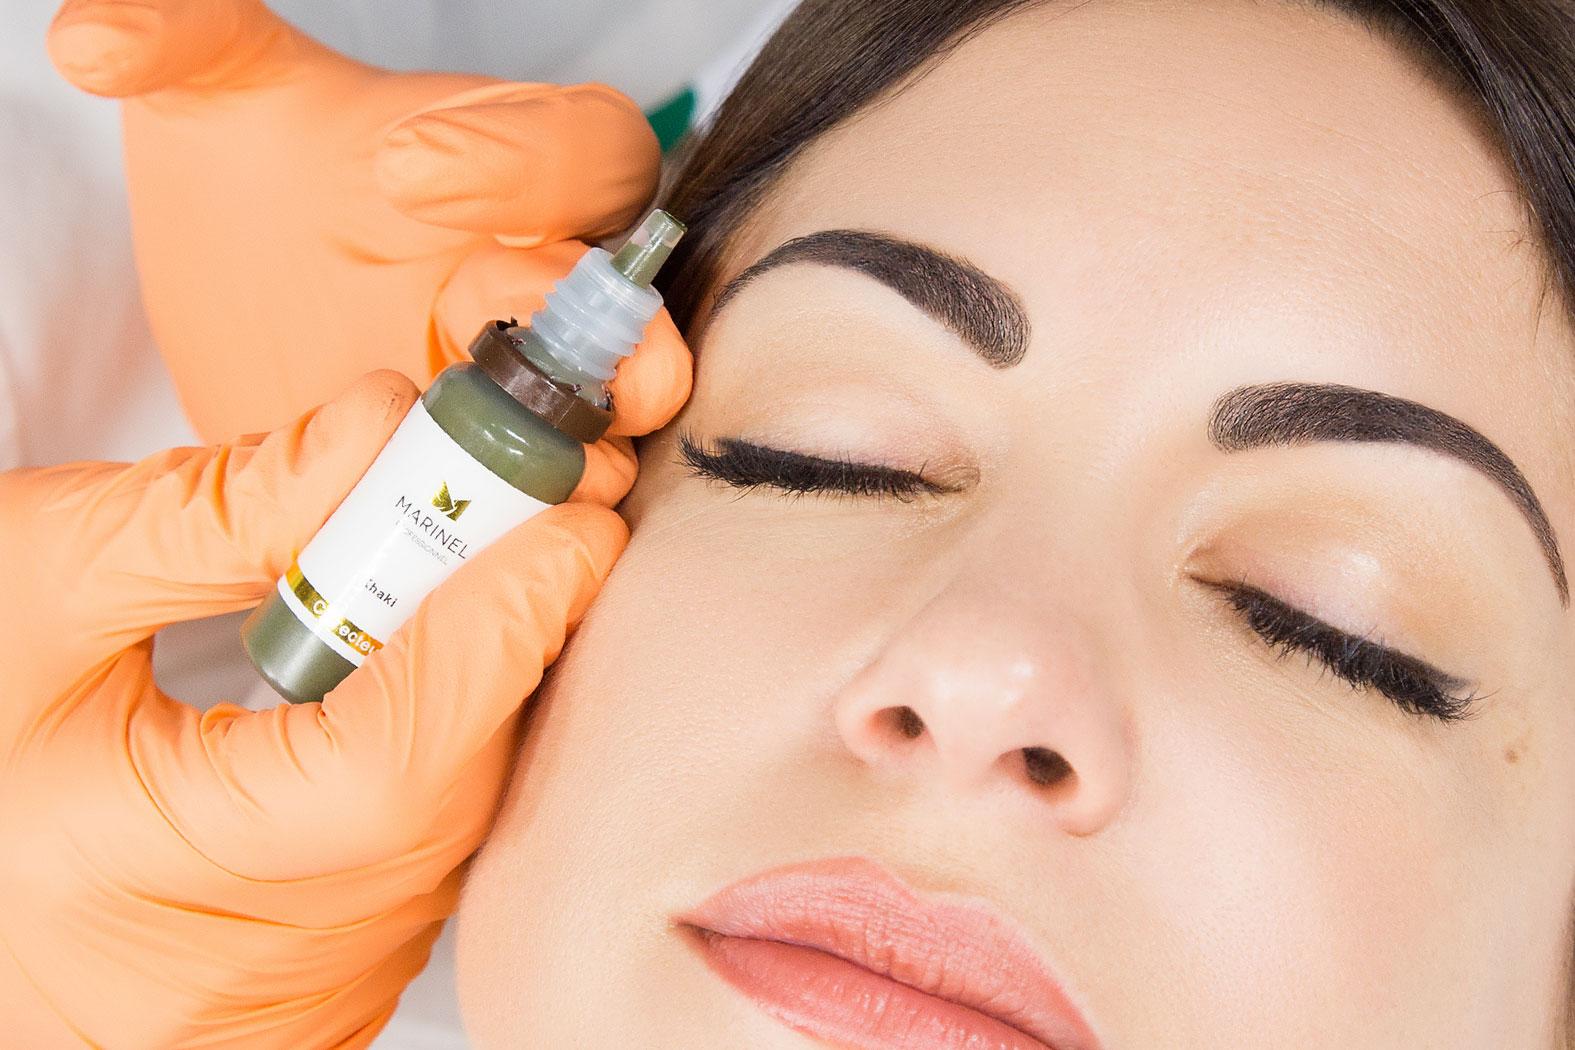 Découvrez la désoxydation des sourcils grâce à Marinela Popescu, fondatrice de l'Institut Marinel situé à Paris et experte en beauté globale de la peau.